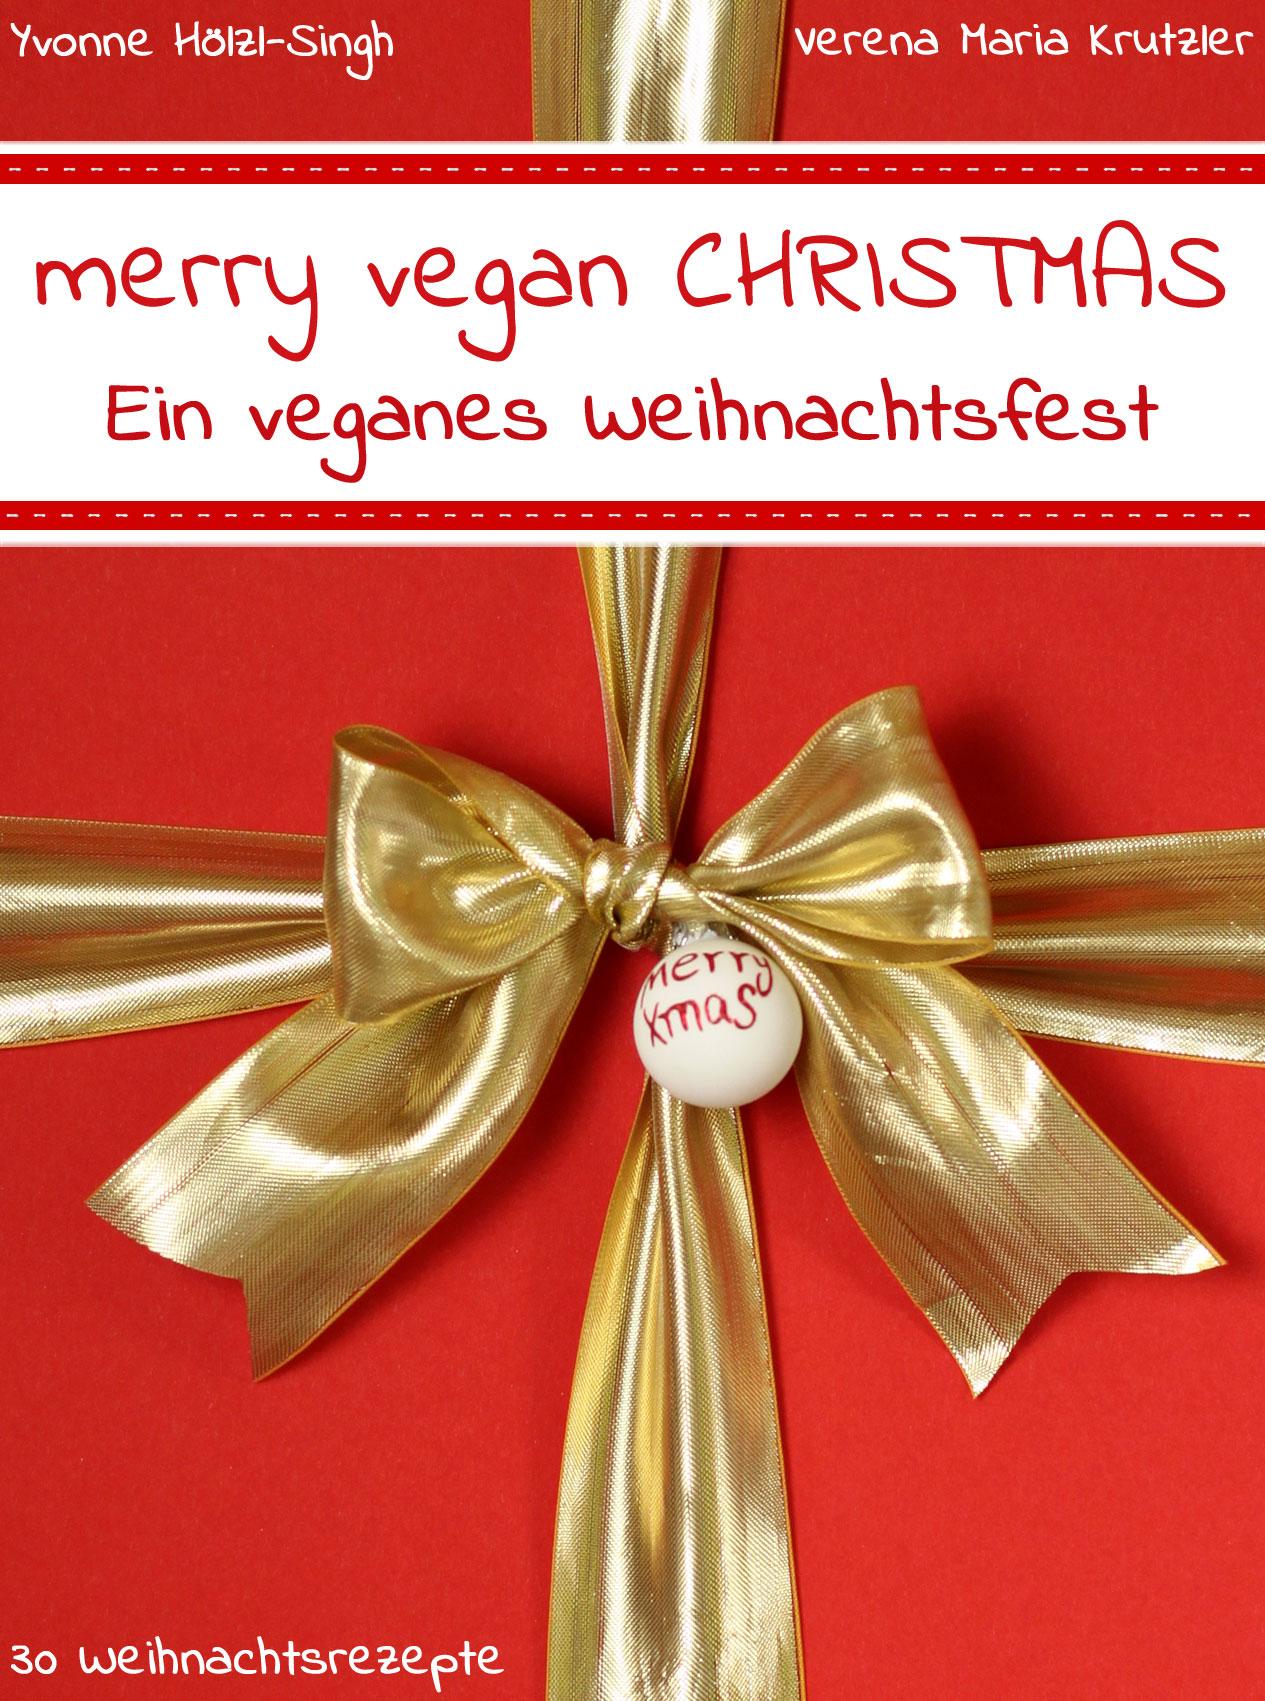 Meine Kochbücher - merry vegan CHRISTMAS - ein veganes Weihnachtsfest - Yvonne Hölzl-Singh